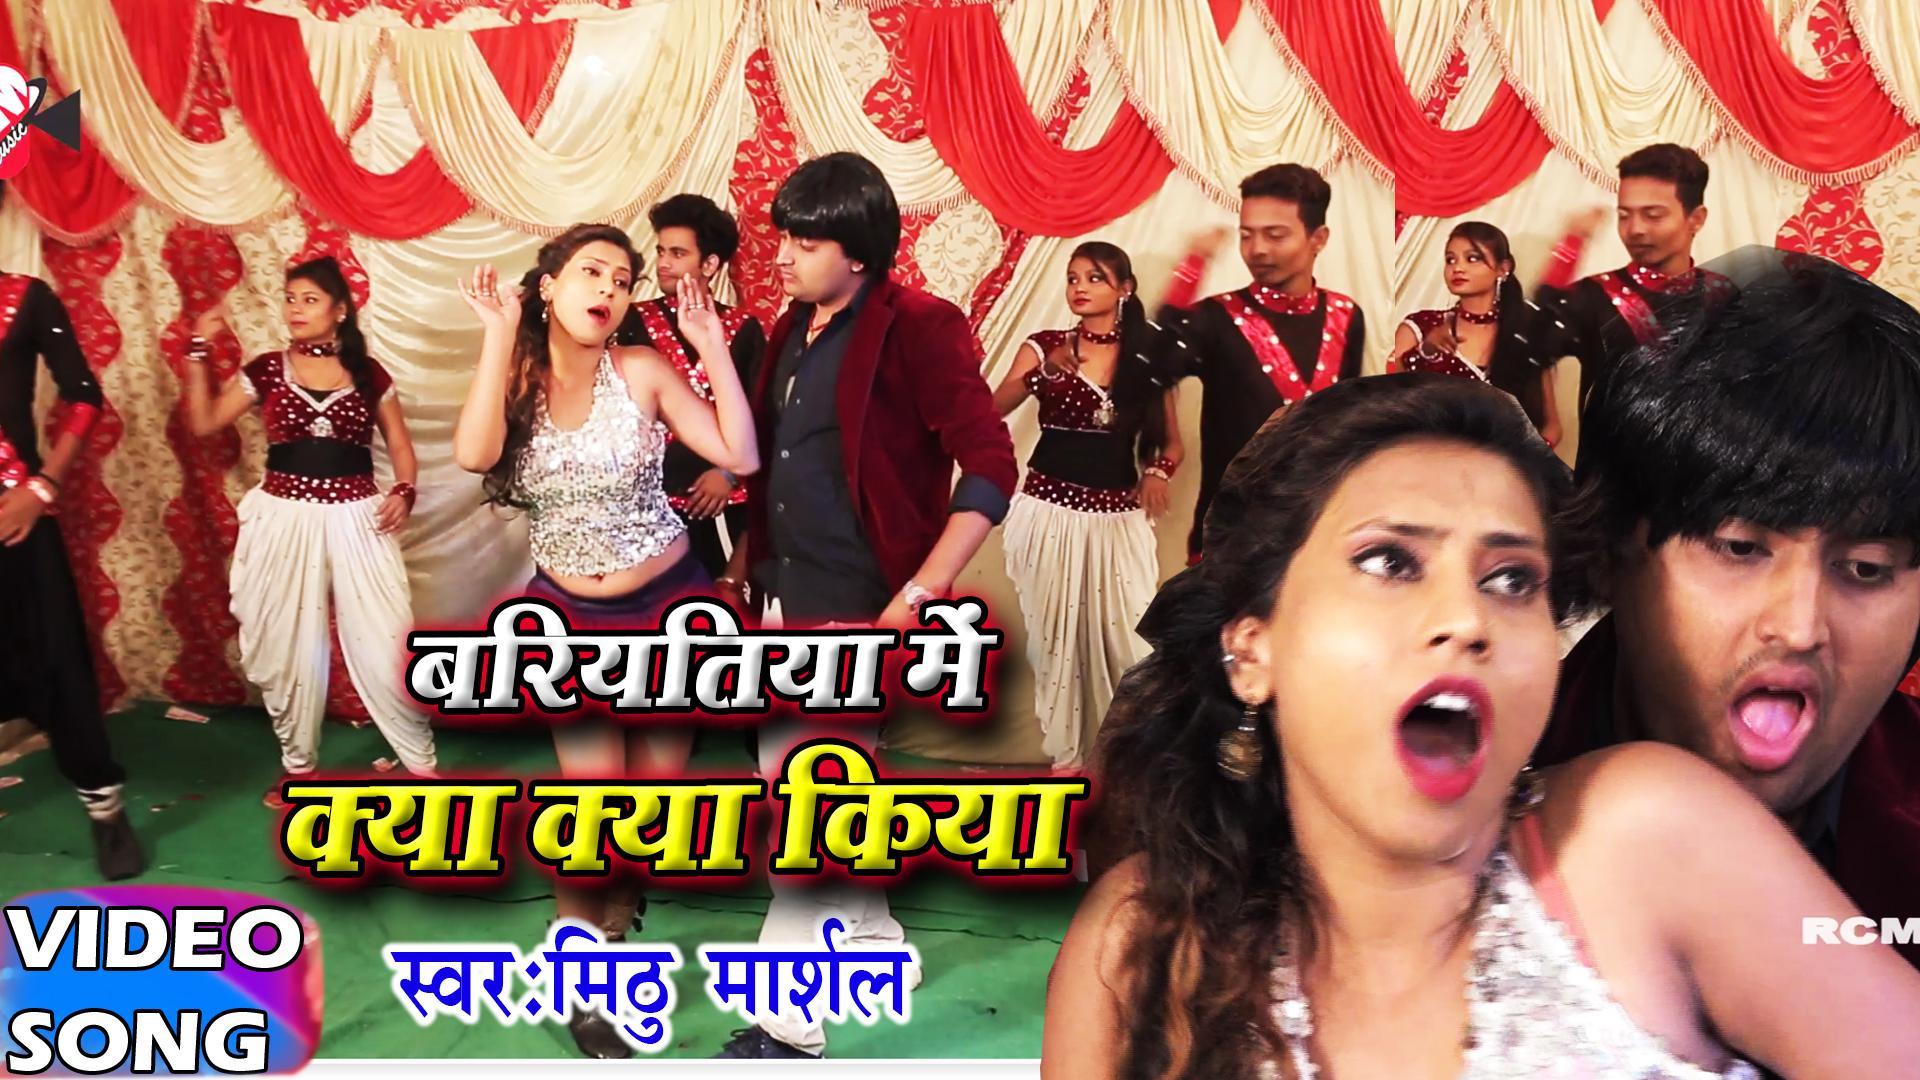    Bartiya Me kya Kiya   बरतिया में क्या किया# मिठु मार्शल का शादी स्पेशल वीडियो 2018